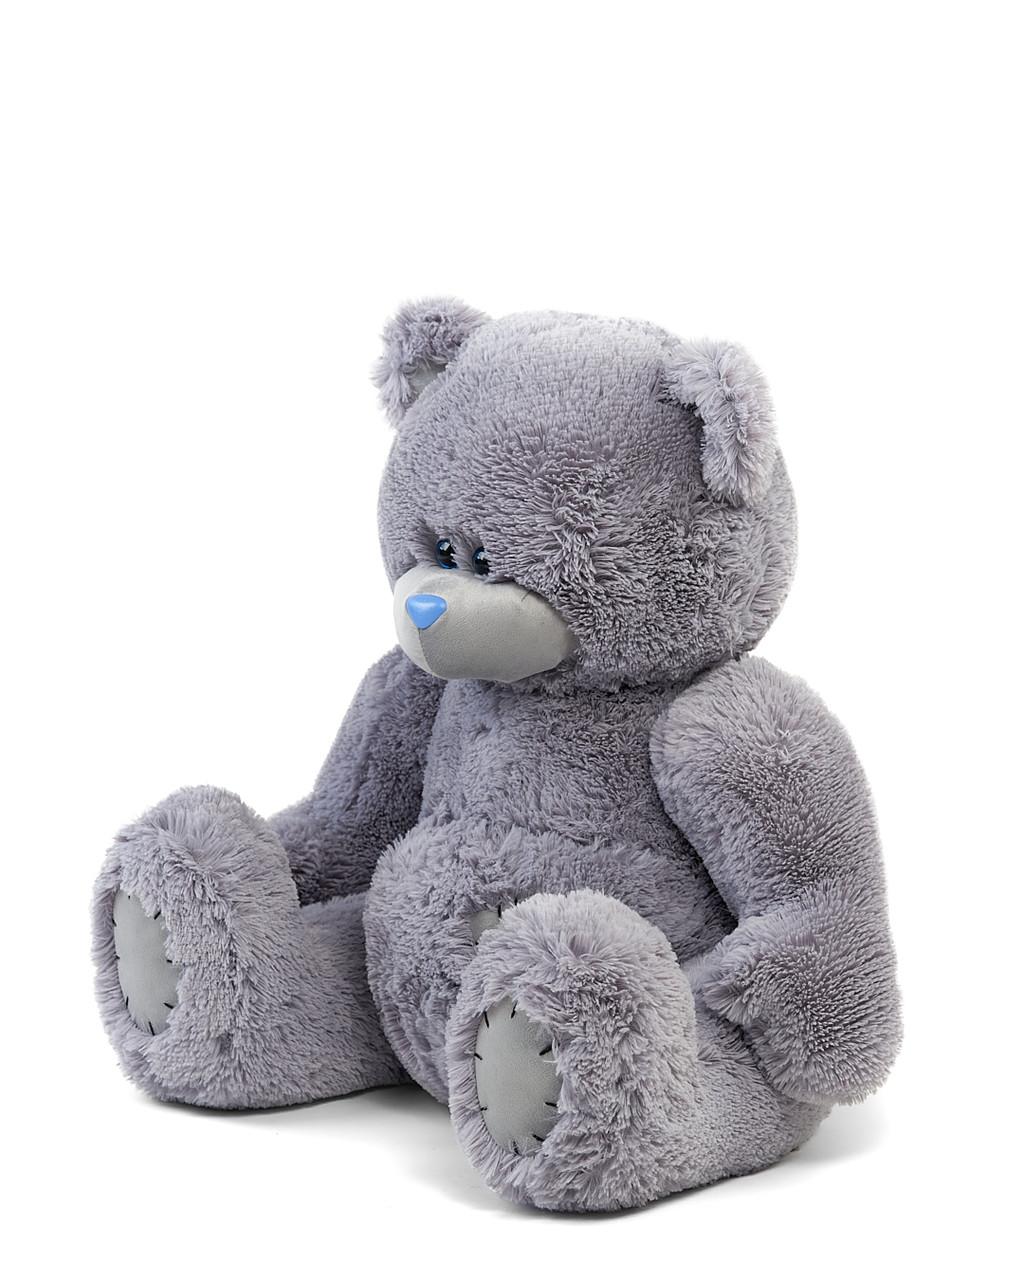 Мишка Тедди 90 см цвет серый   Шикарные плюшевые медведи   Магазин плюшевые медведи